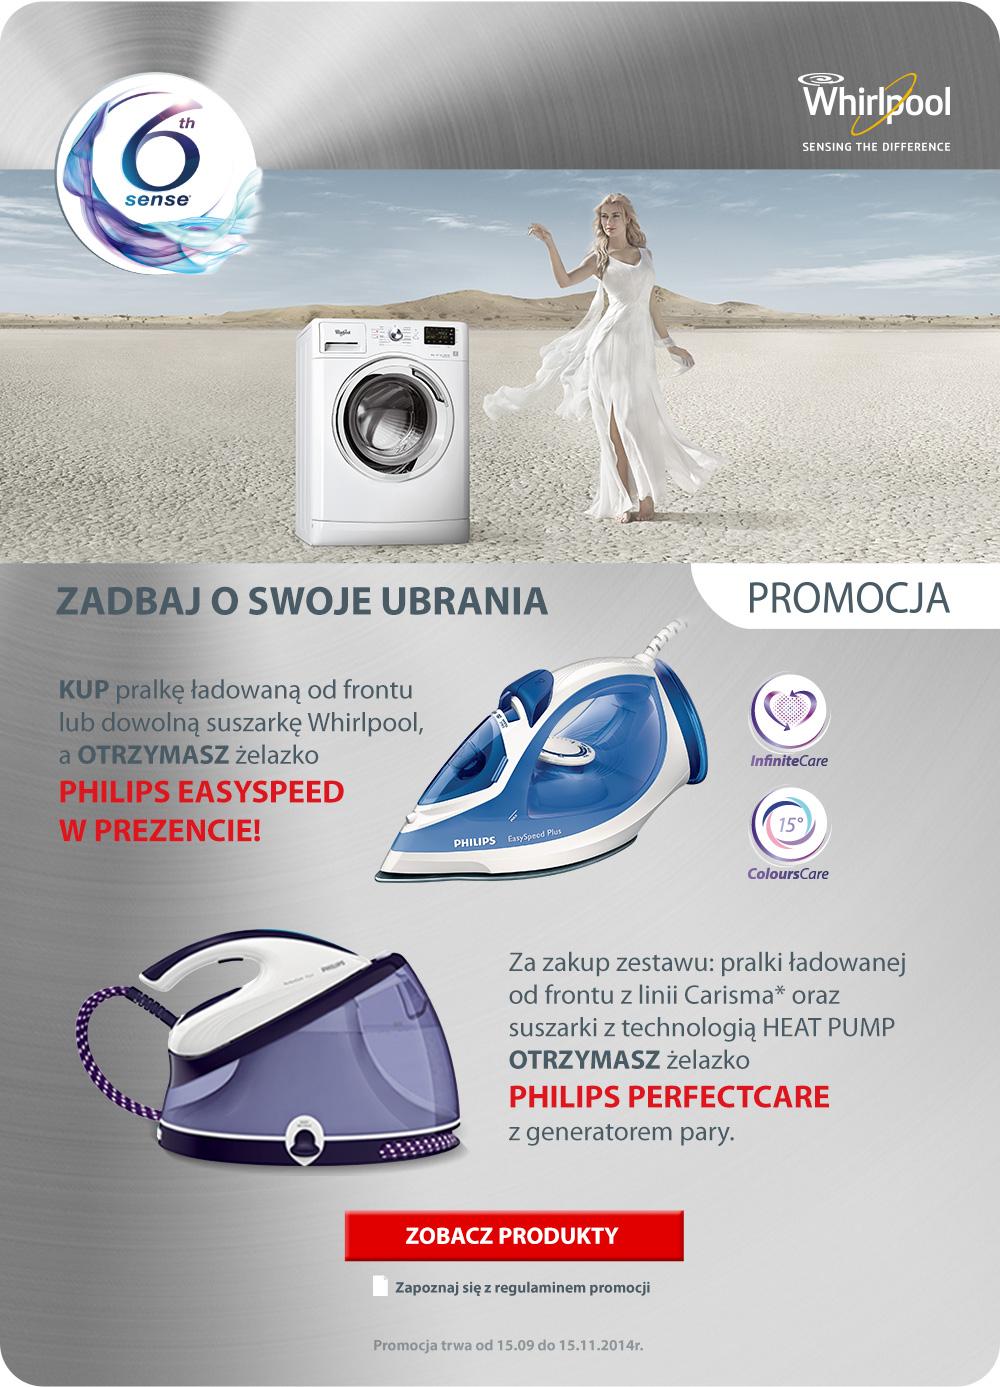 Żelazko Philips Easyspeed w prezencie przy zakupie pralki lub suszarki firmy Whirlpool